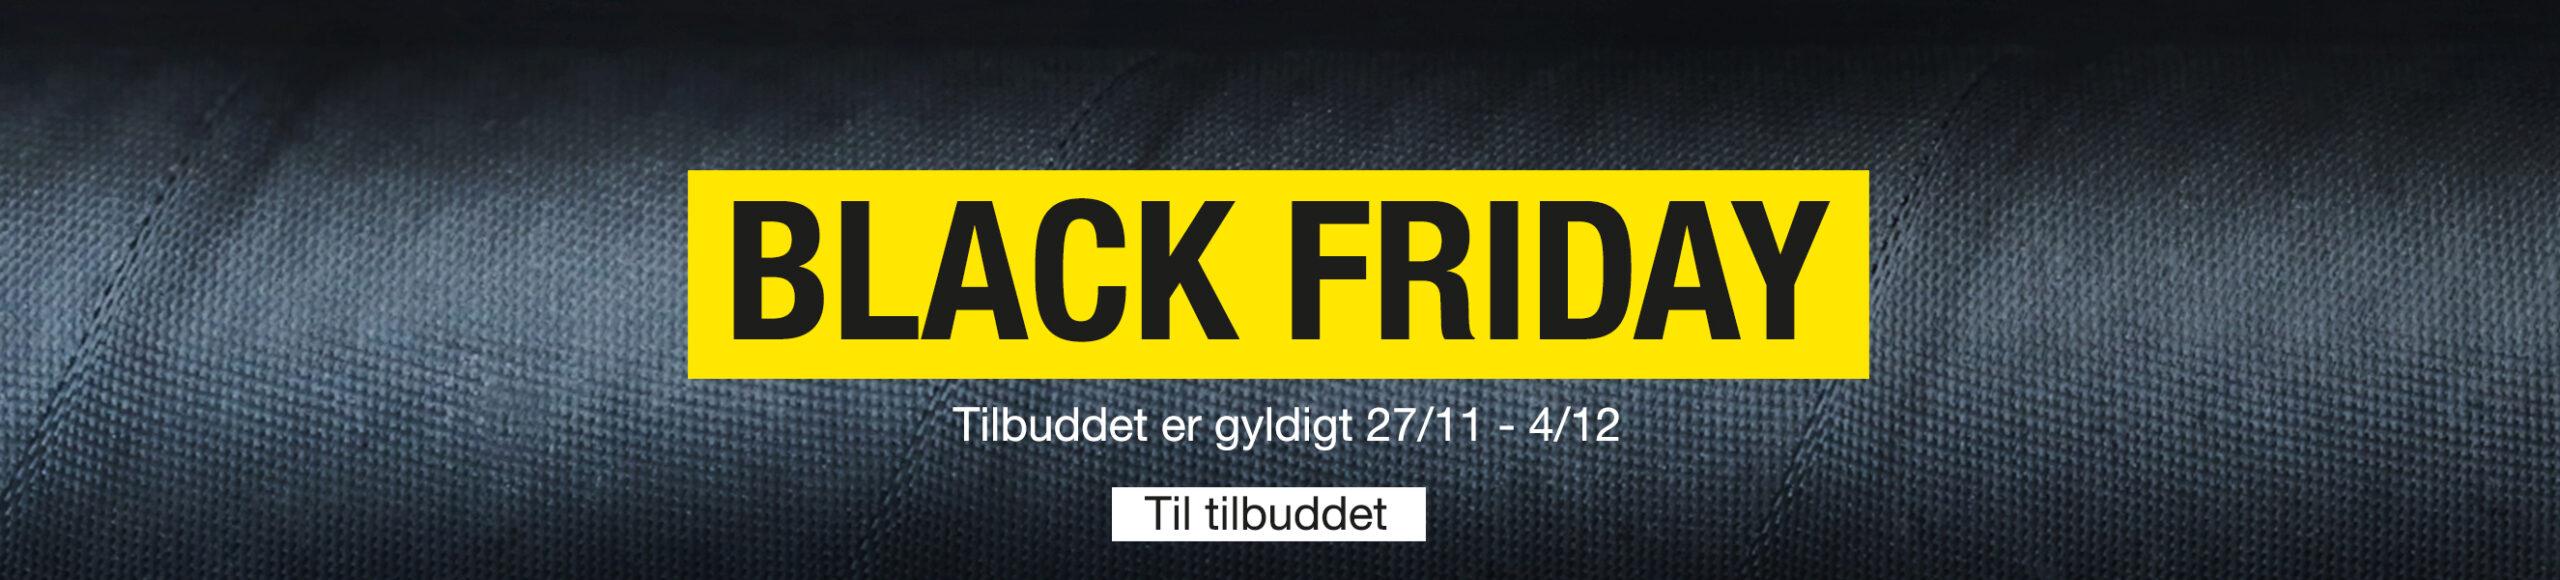 Black friday 2020 DK ny